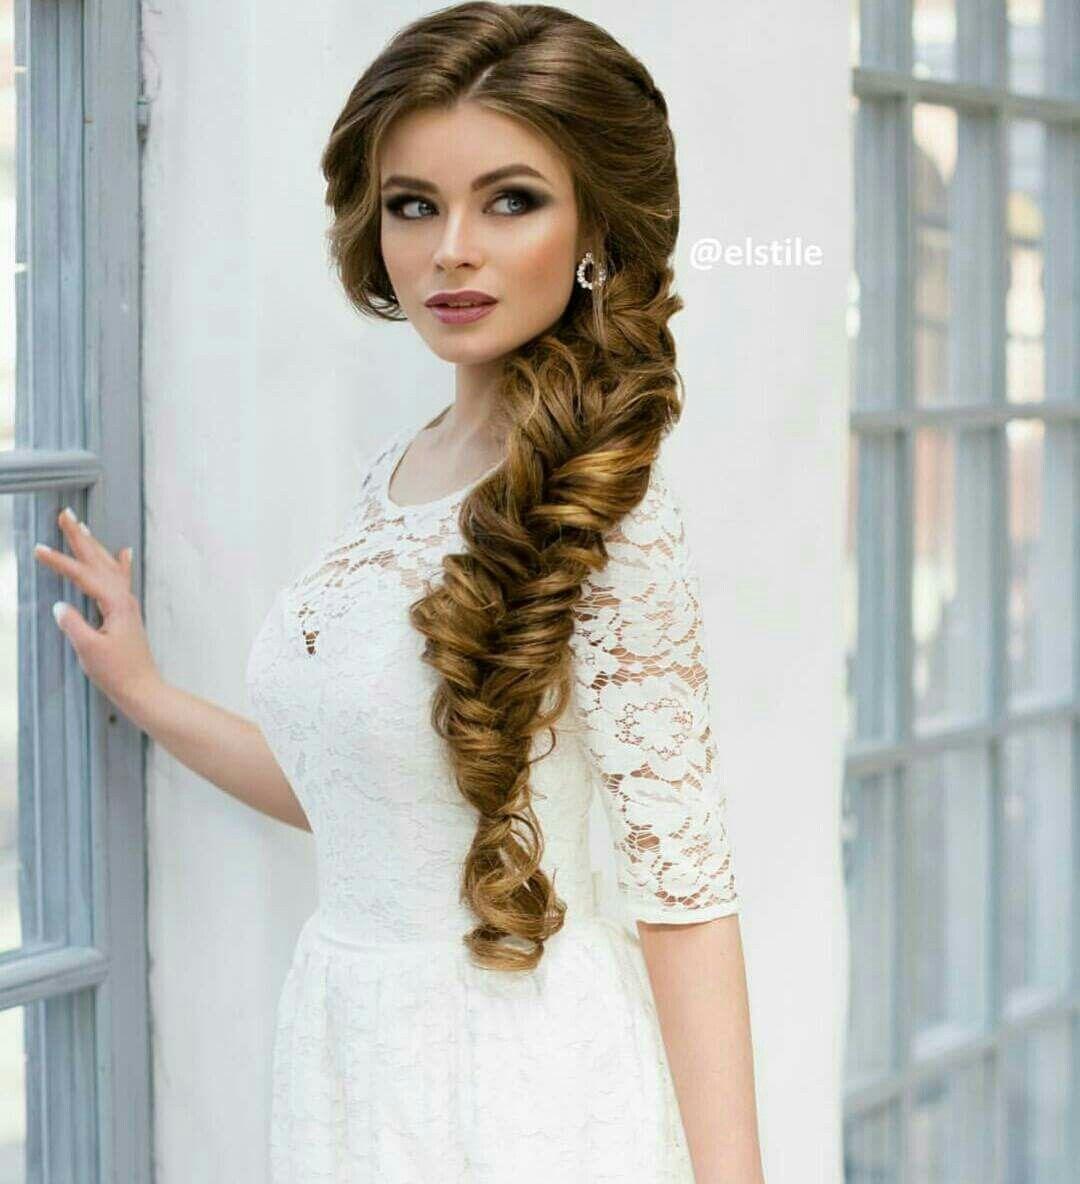 Pin by mayuri tiwari on weeding hairs | Pinterest | Hair style